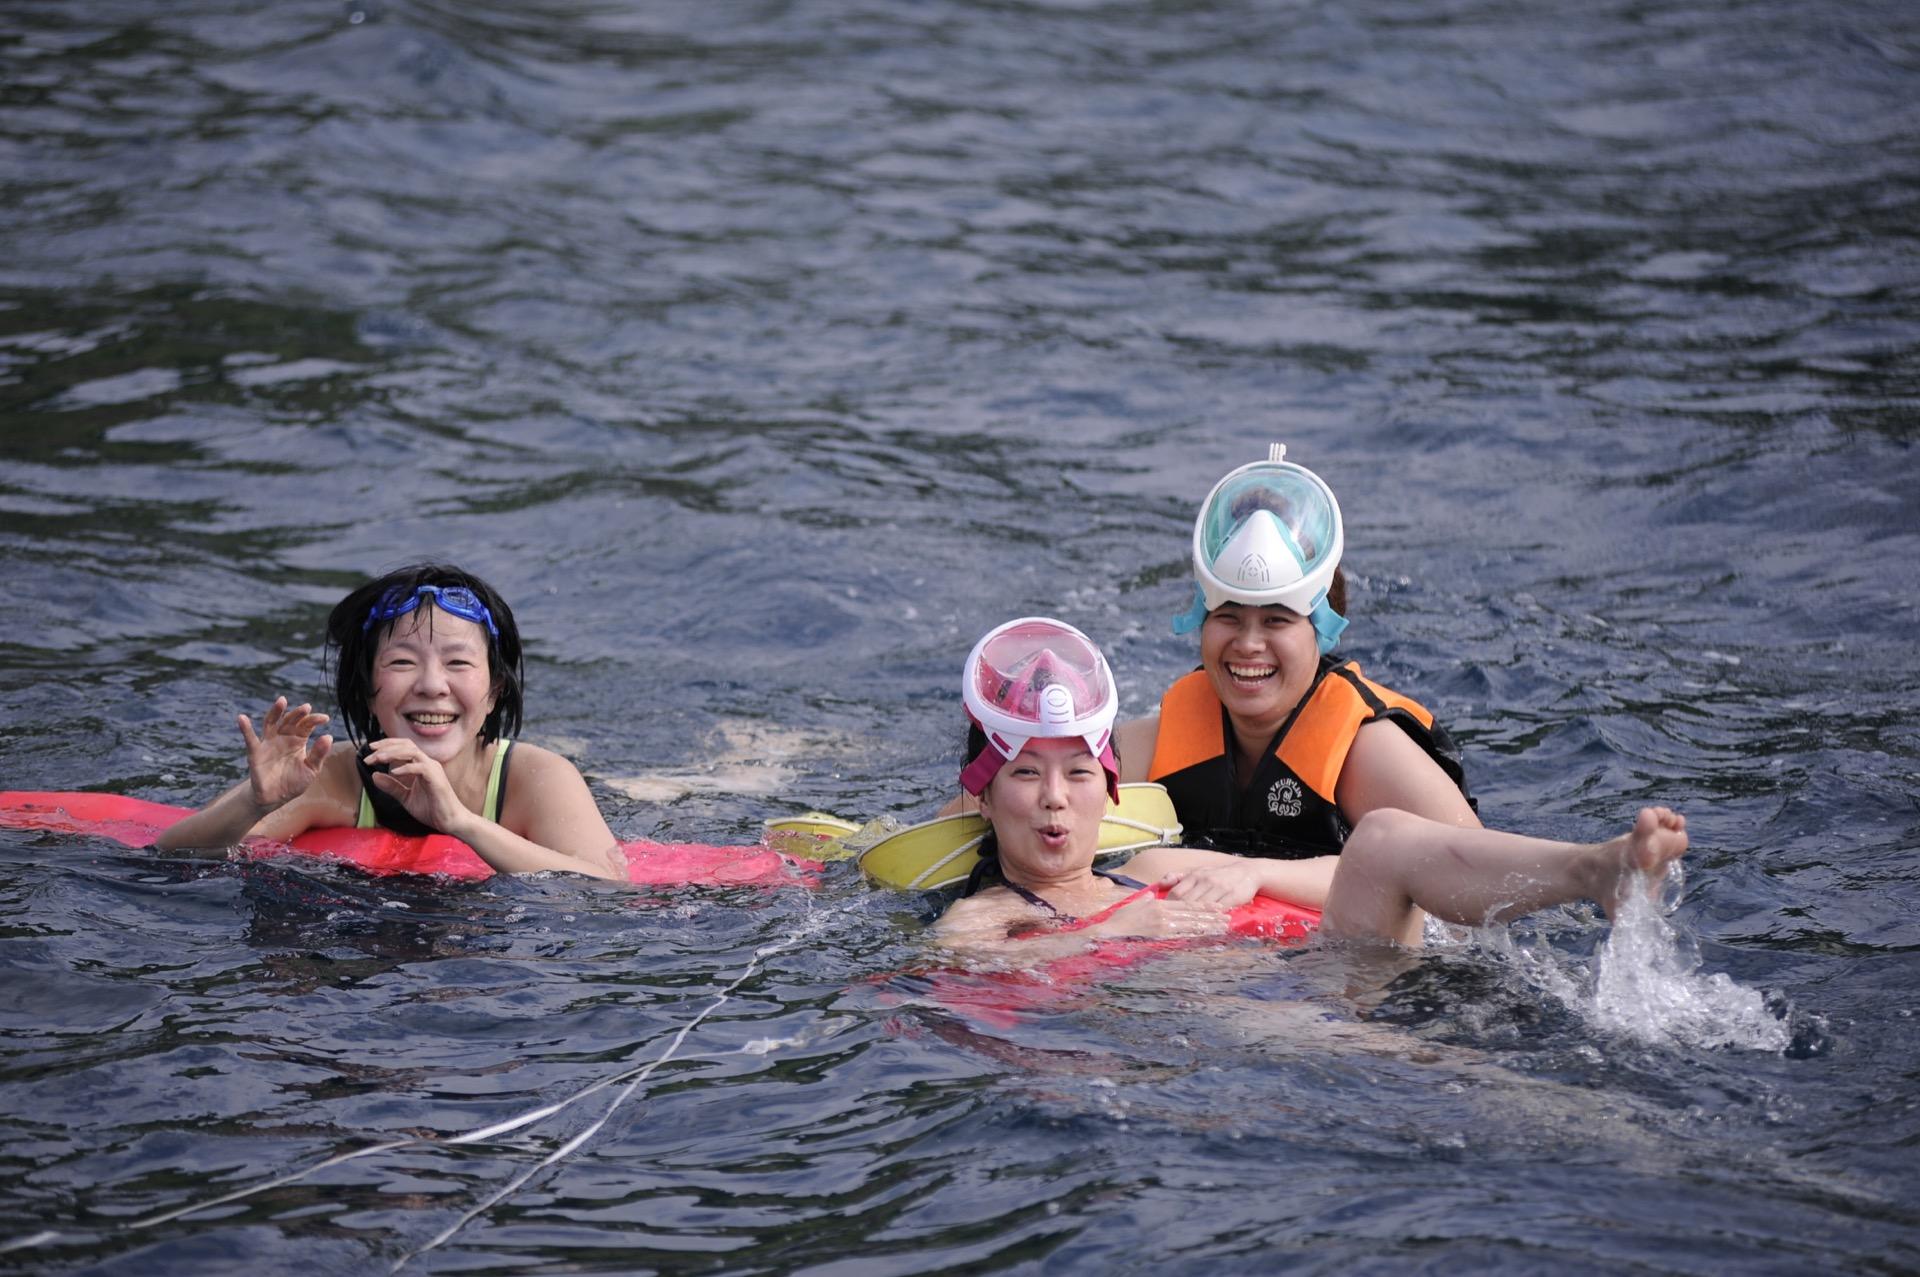 德築-DEZU-project-Fun3sport-snorkeling-ocean-10